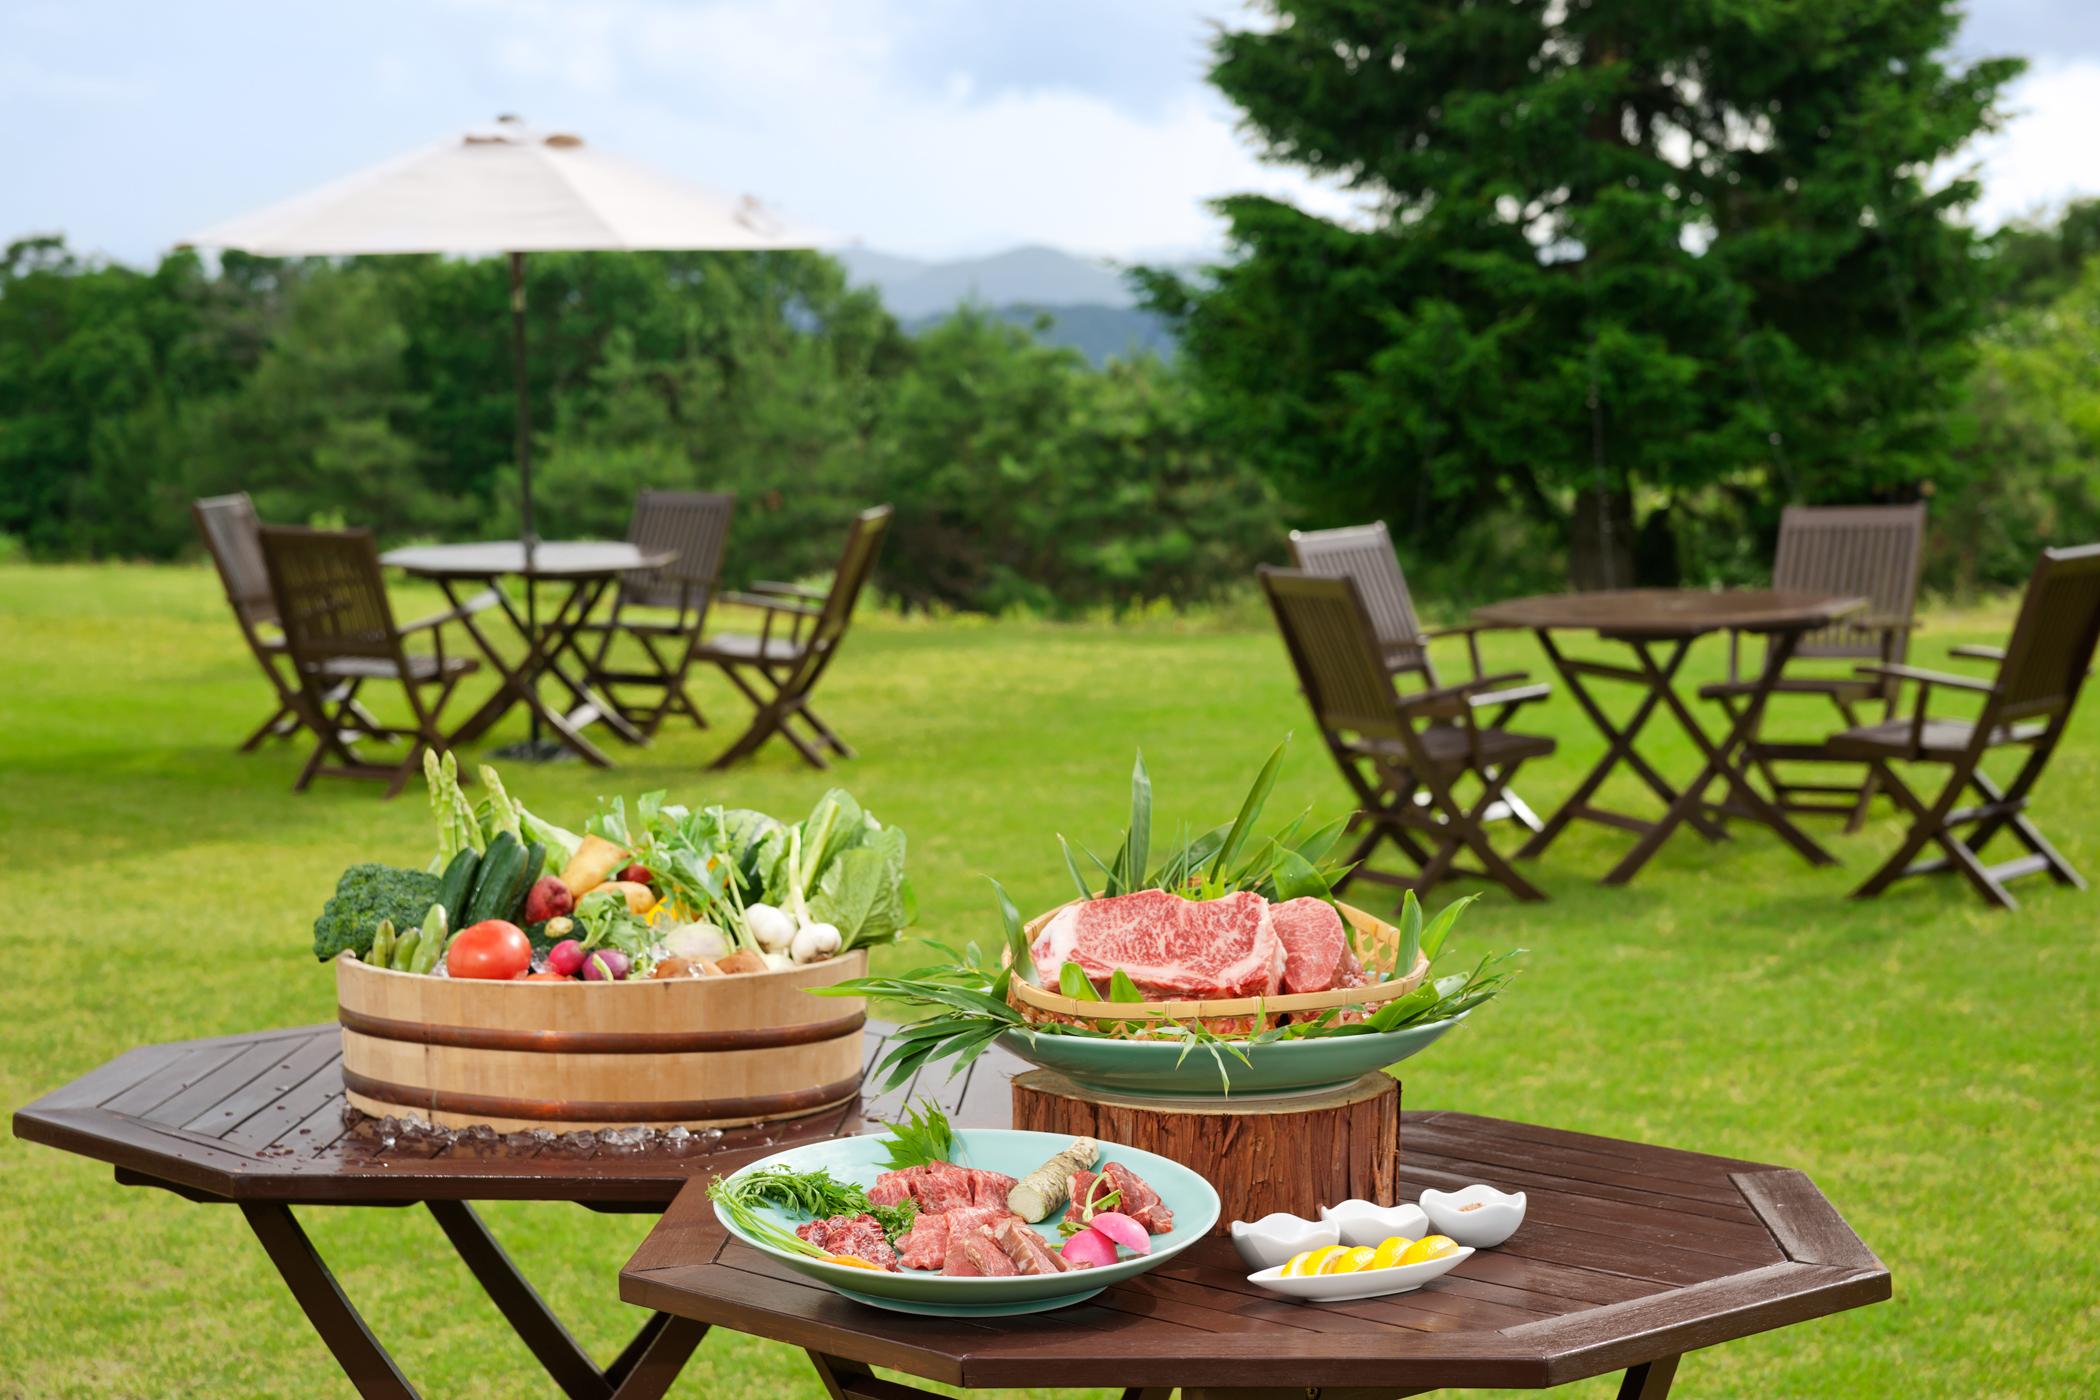 神石高原ホテル夏限定の「BBQプラン」がこの夏も登場。星降る里で過ごす夏時間